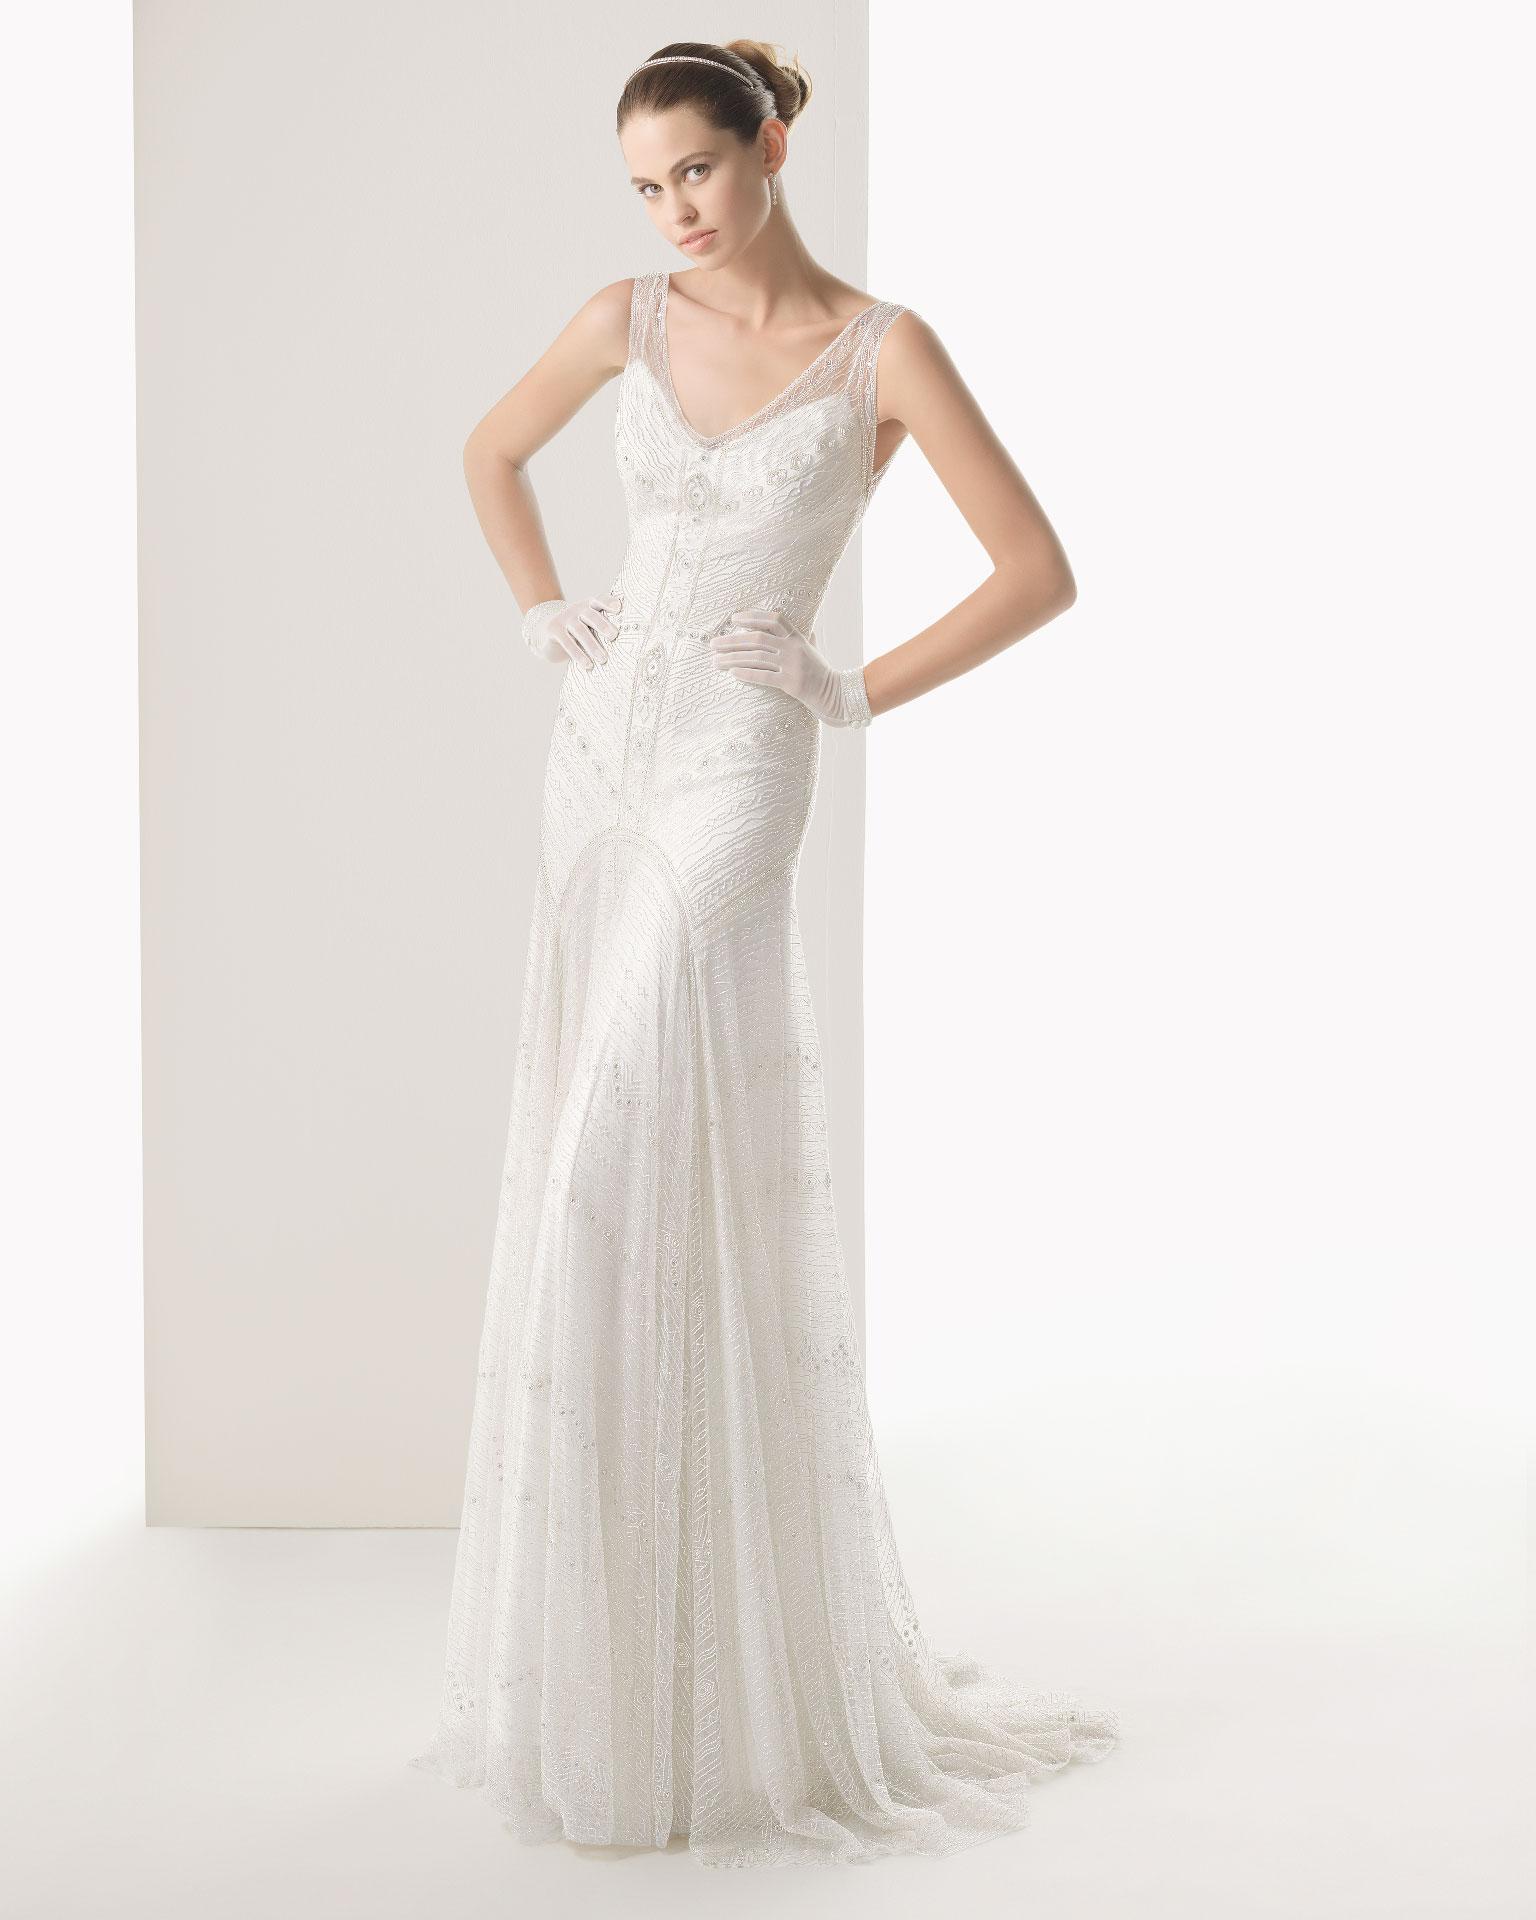 Rosa clara wedding dress 2014 bridal copla for Rosa clara wedding dresses